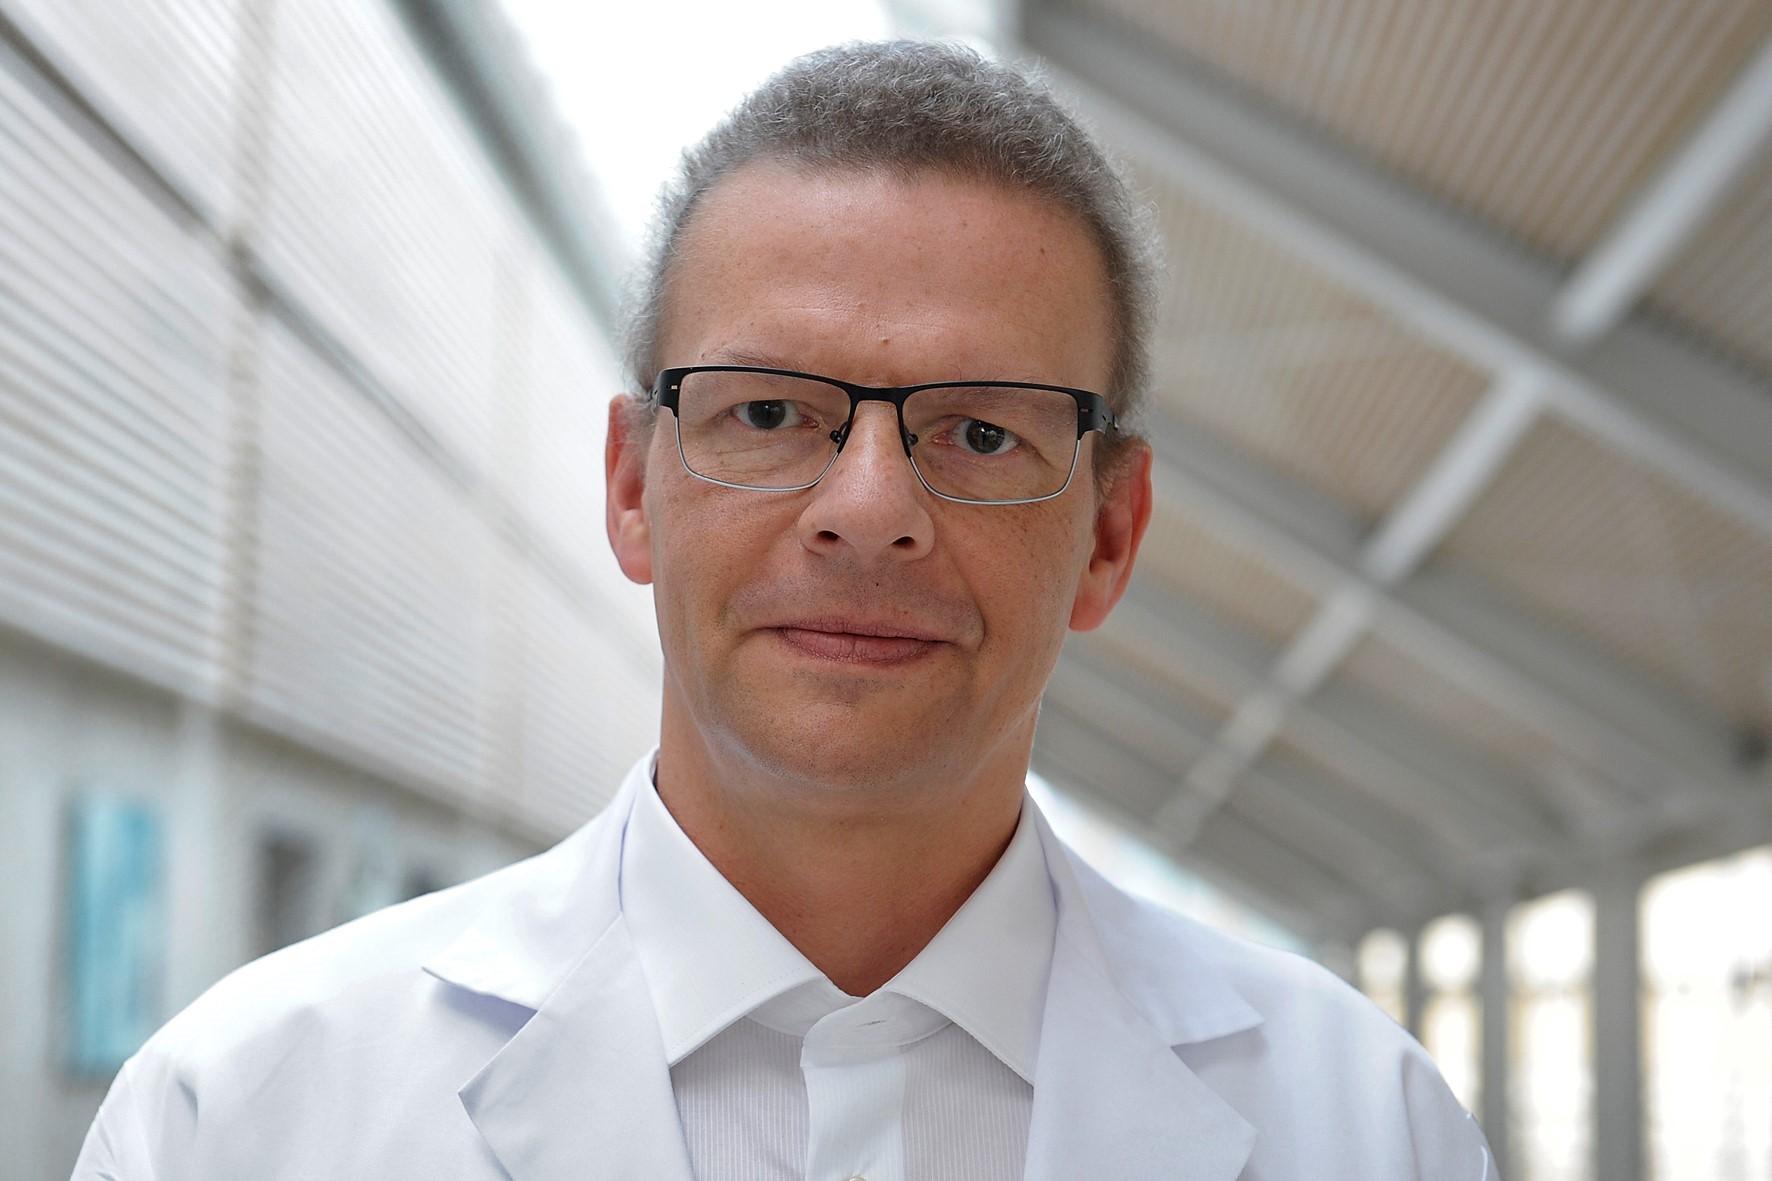 Homöopathie: ein effektiver Therapieansatz bei rezidivierenden Harnwegsinfektionen